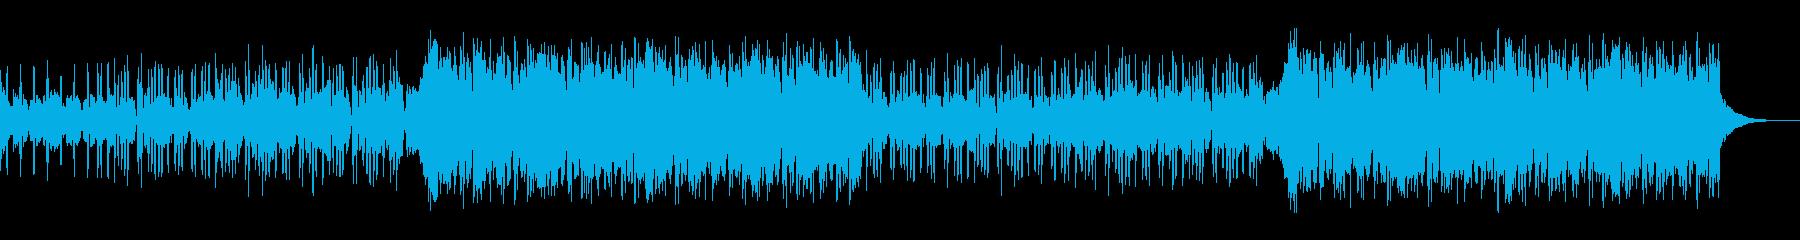 オープニング・洋楽エキサイティングロックの再生済みの波形